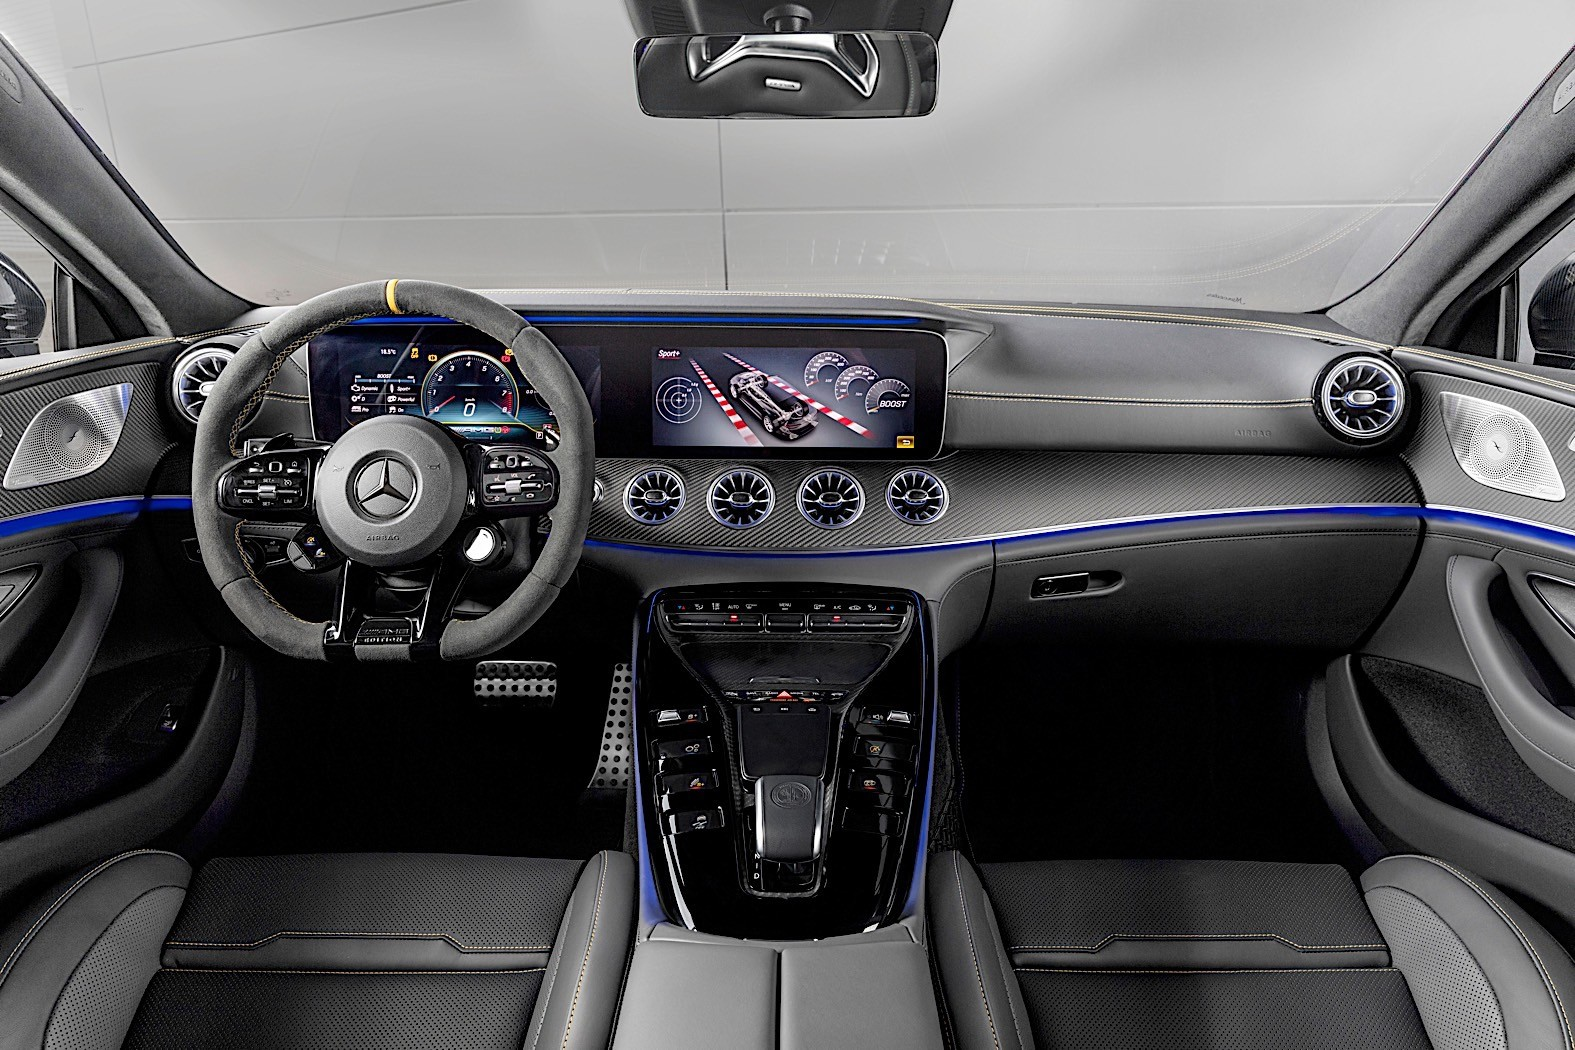 Mercedes AMG GT Edition 1